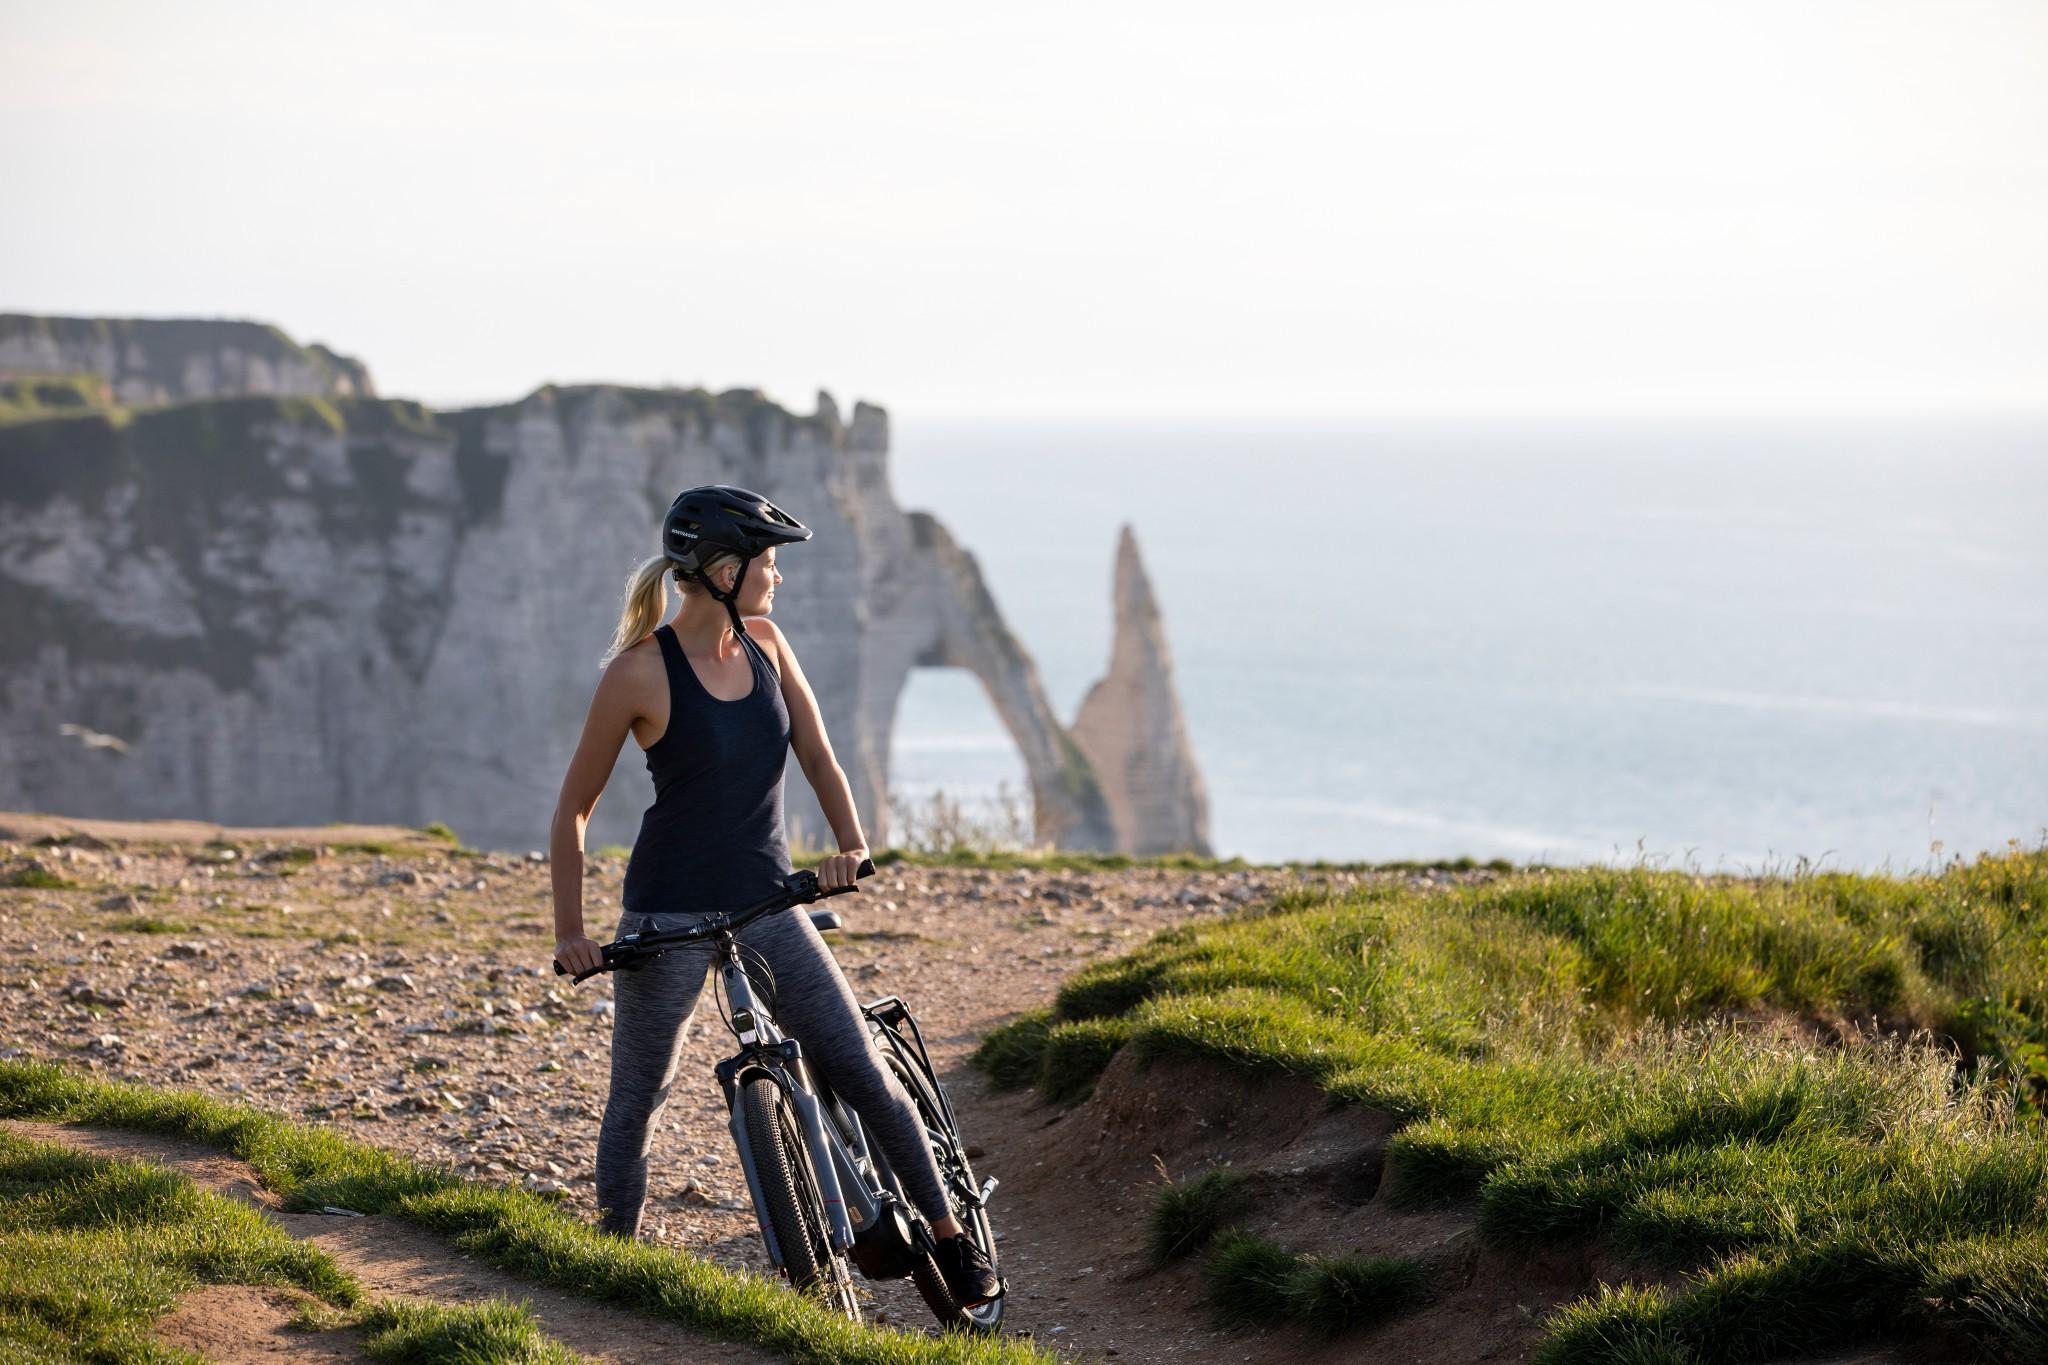 TreK_Andrey_CycleShop